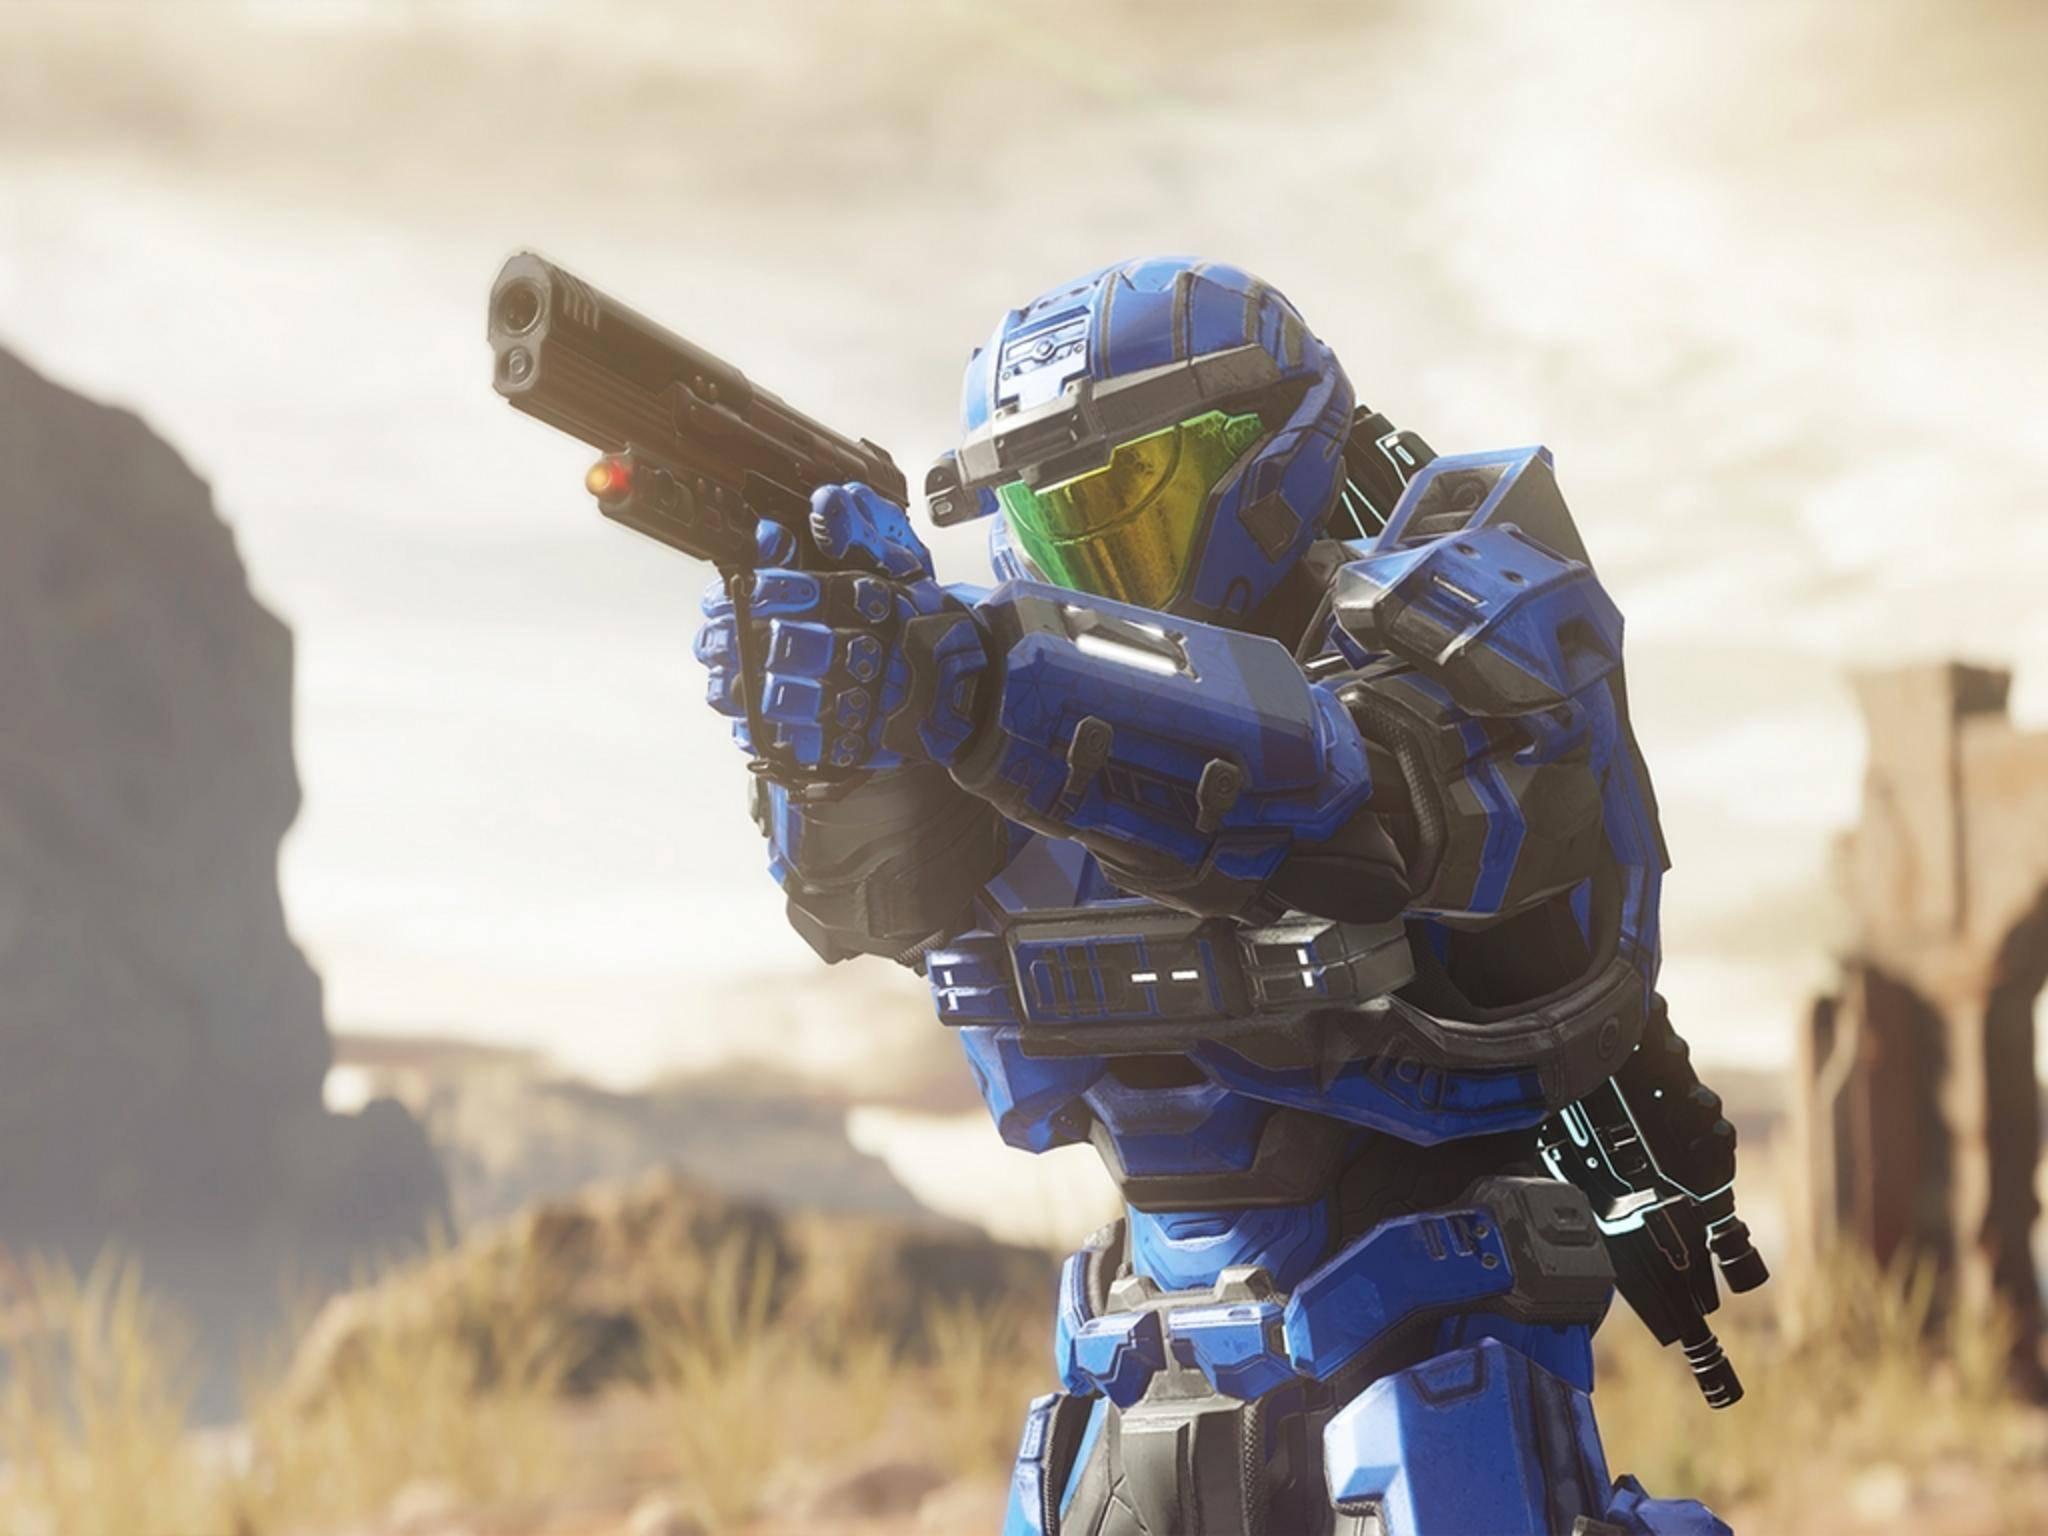 """Die """"Halo 5 Forge"""" erscheint im September für den PC."""